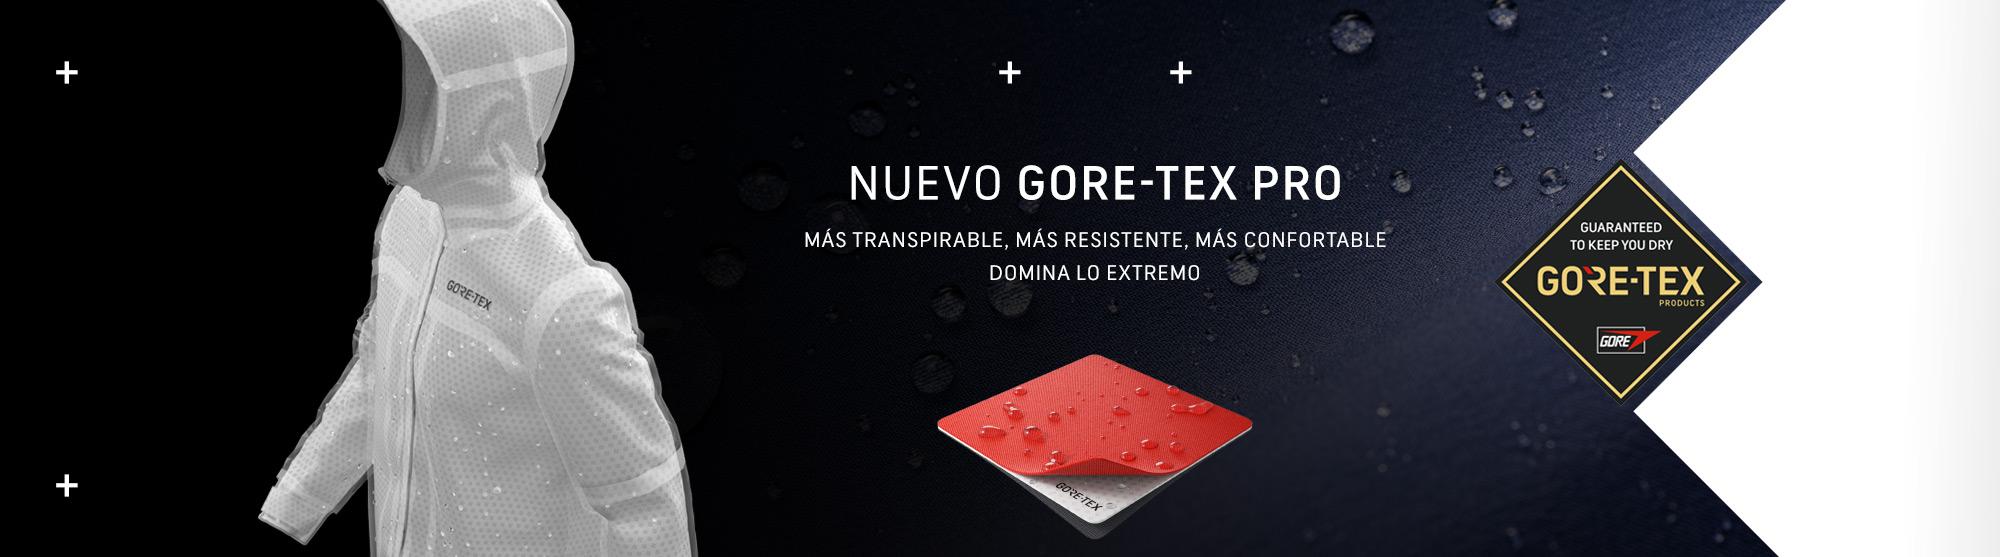 Nuevo Gore-Tex Pro